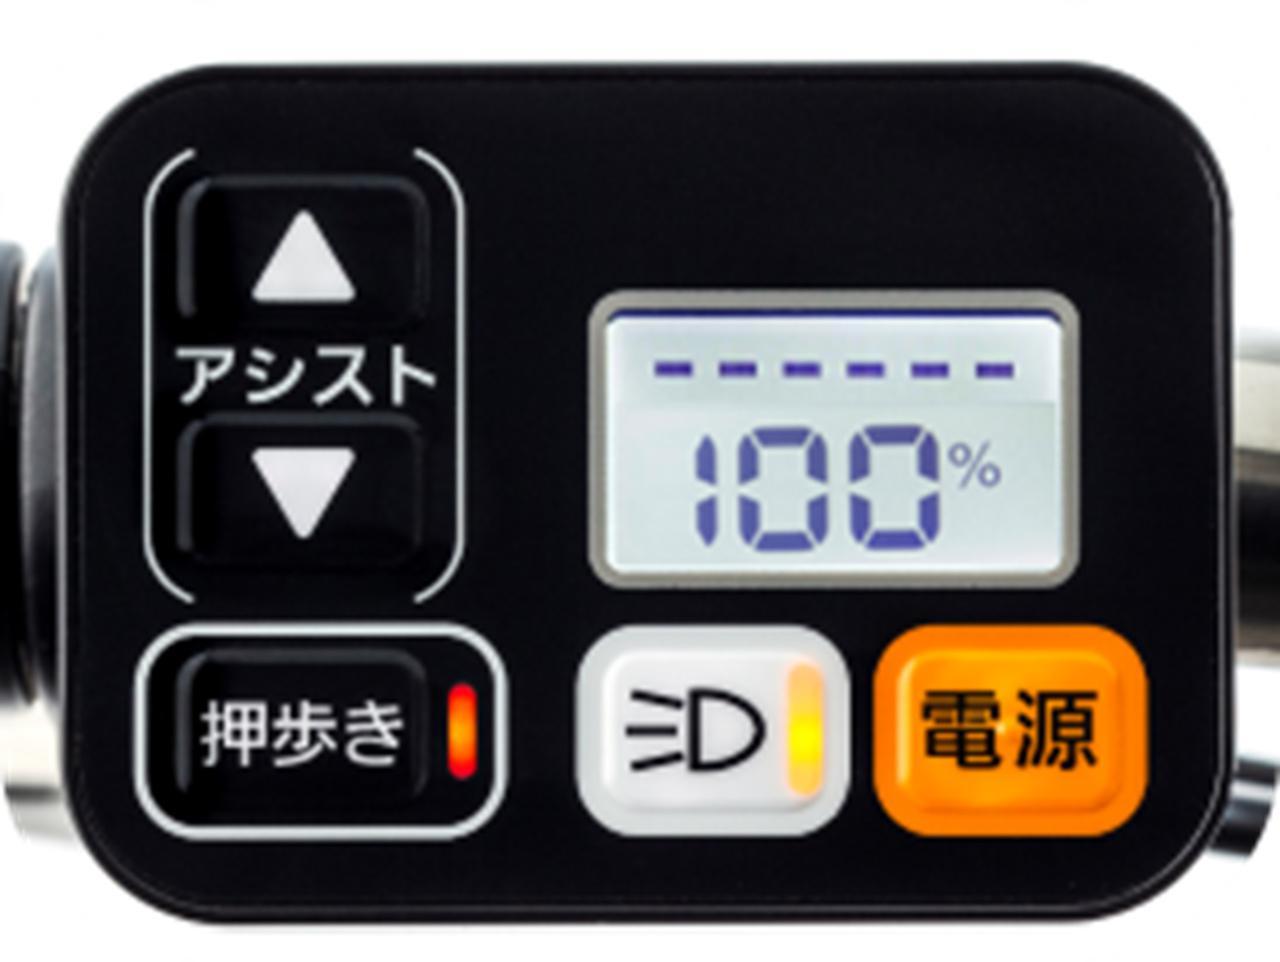 画像: 押し歩き専用手元スイッチ